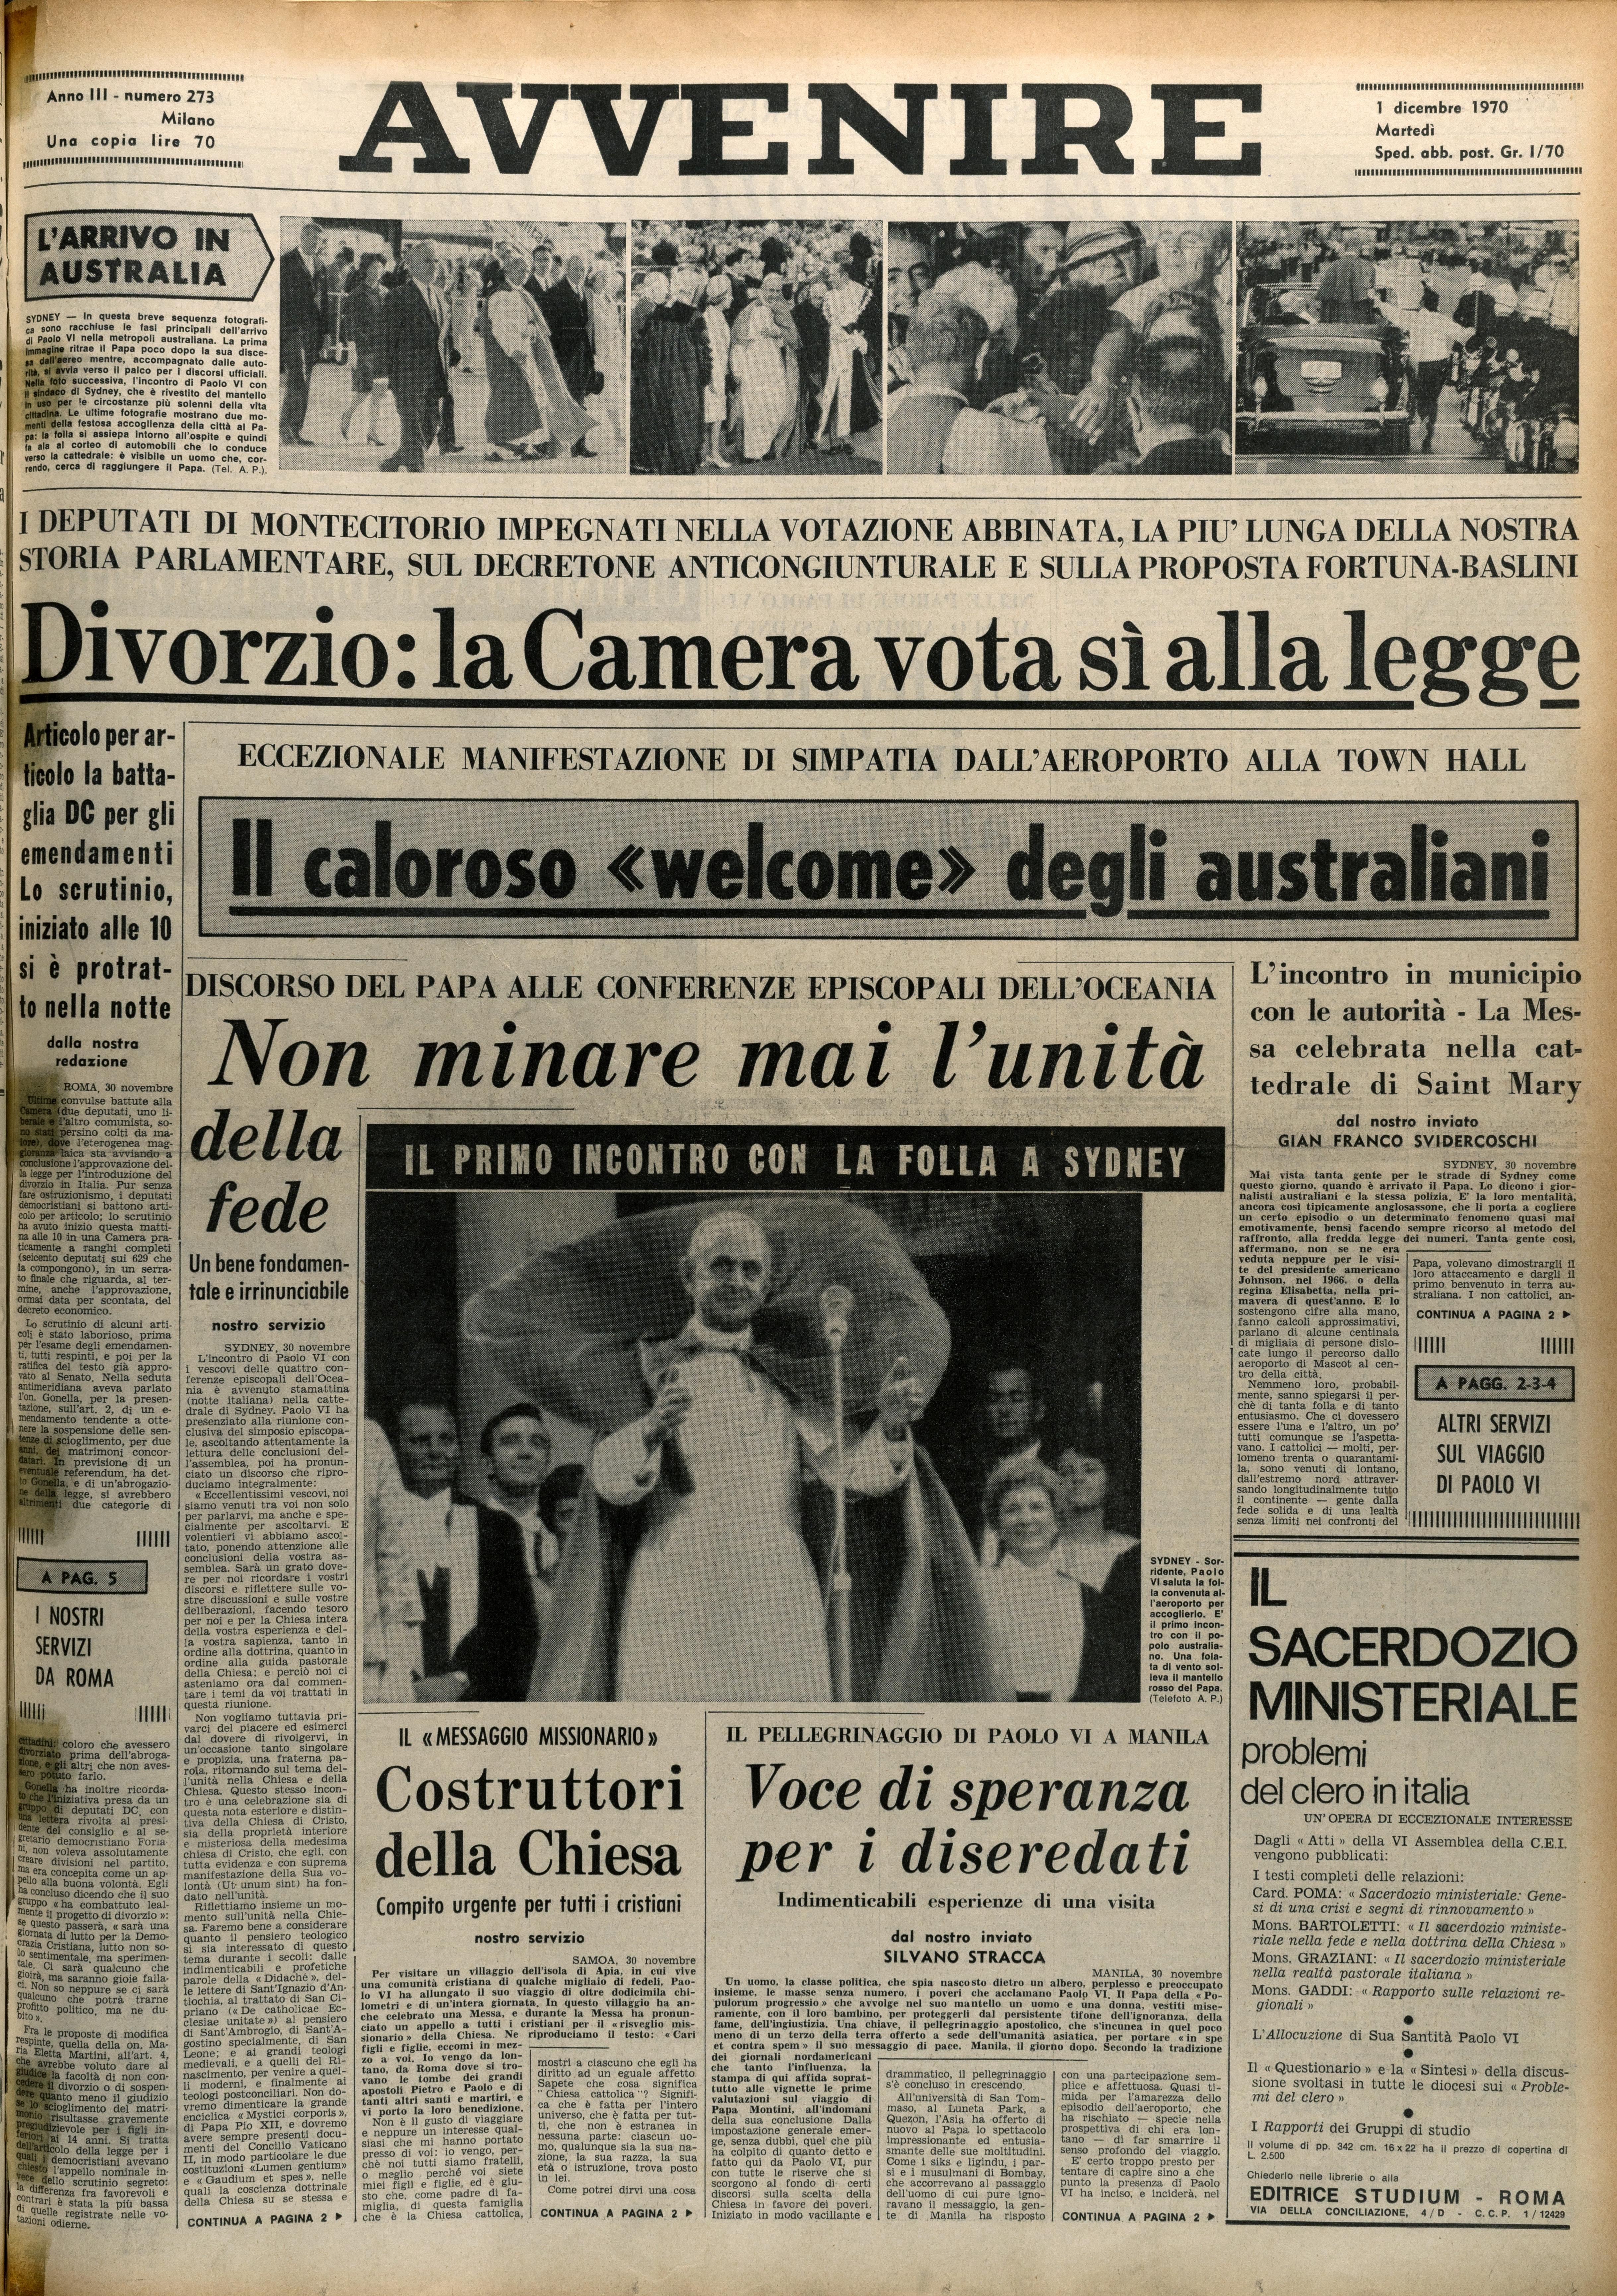 La prima pagina di Avvenire del 1 dicembre 1970